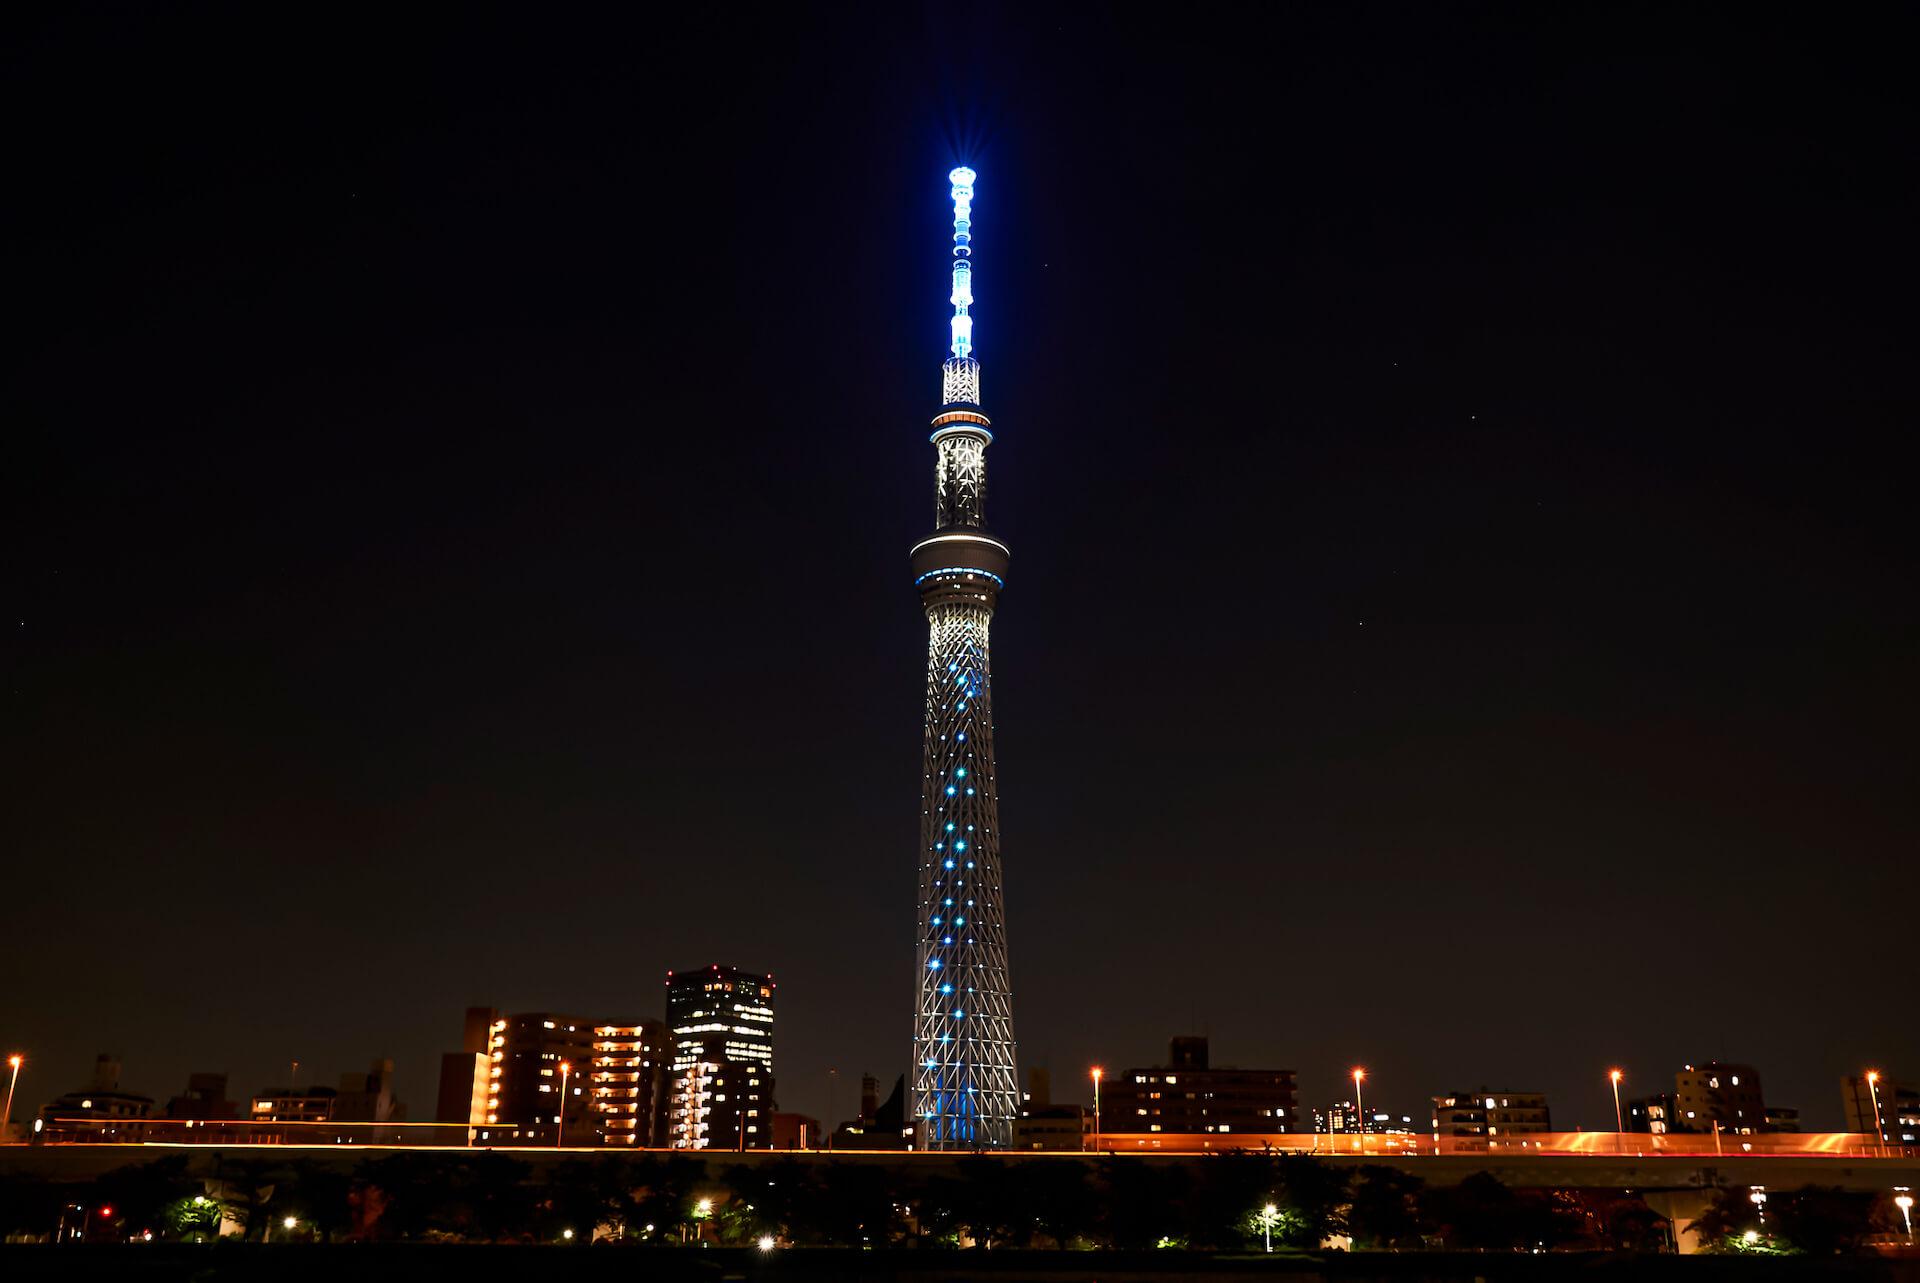 米津玄師ニューシングル『Pale Blue』発売記念で東京スカイツリーの特別ライティング&展望台でのMV上映が決定! music210611_yonezukenshi_11